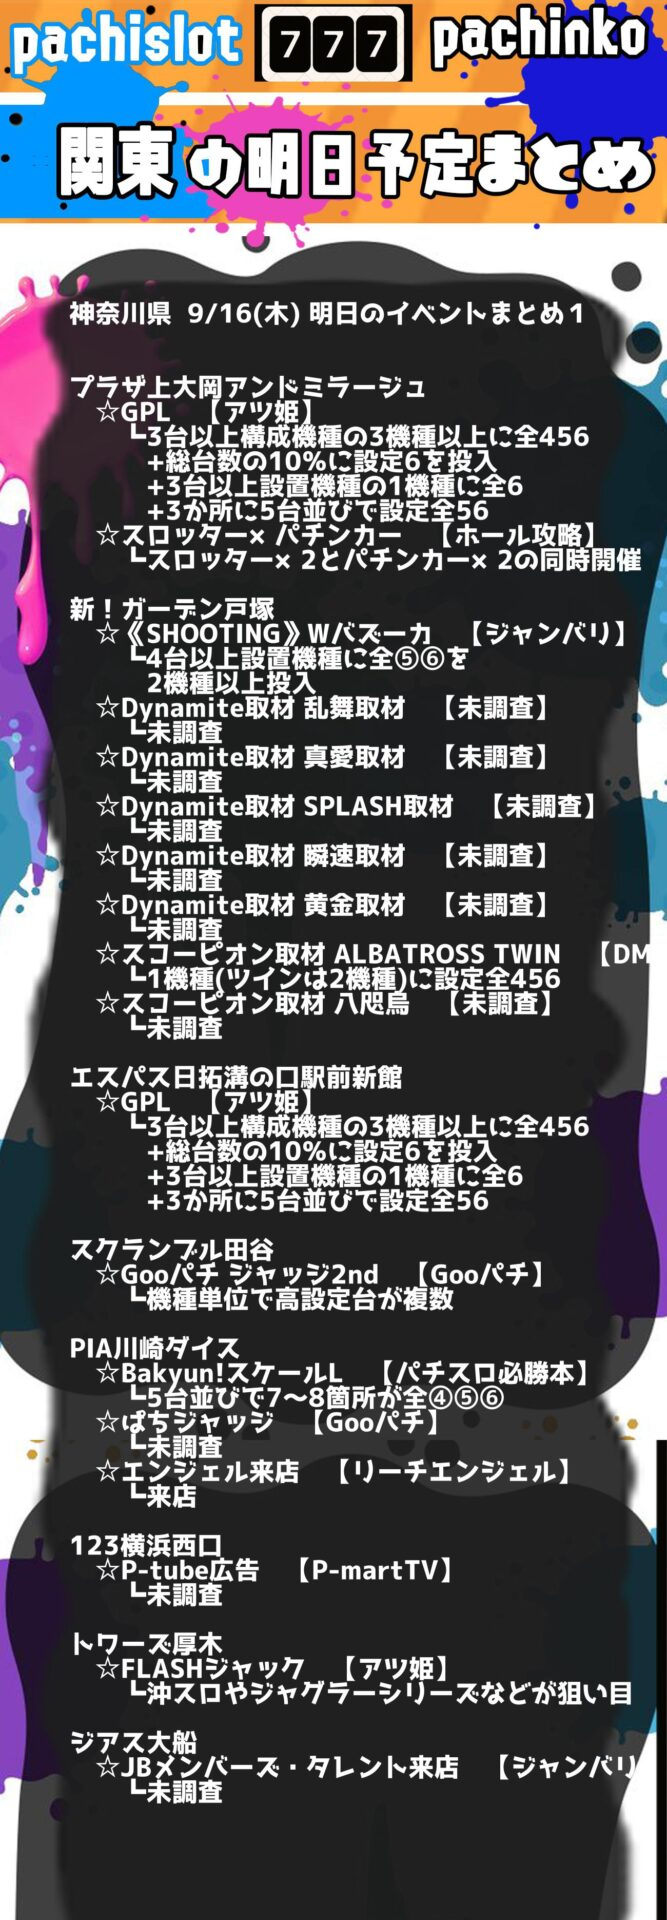 神奈川県_2021-09-16_パチンコ・パチスロ_イベント